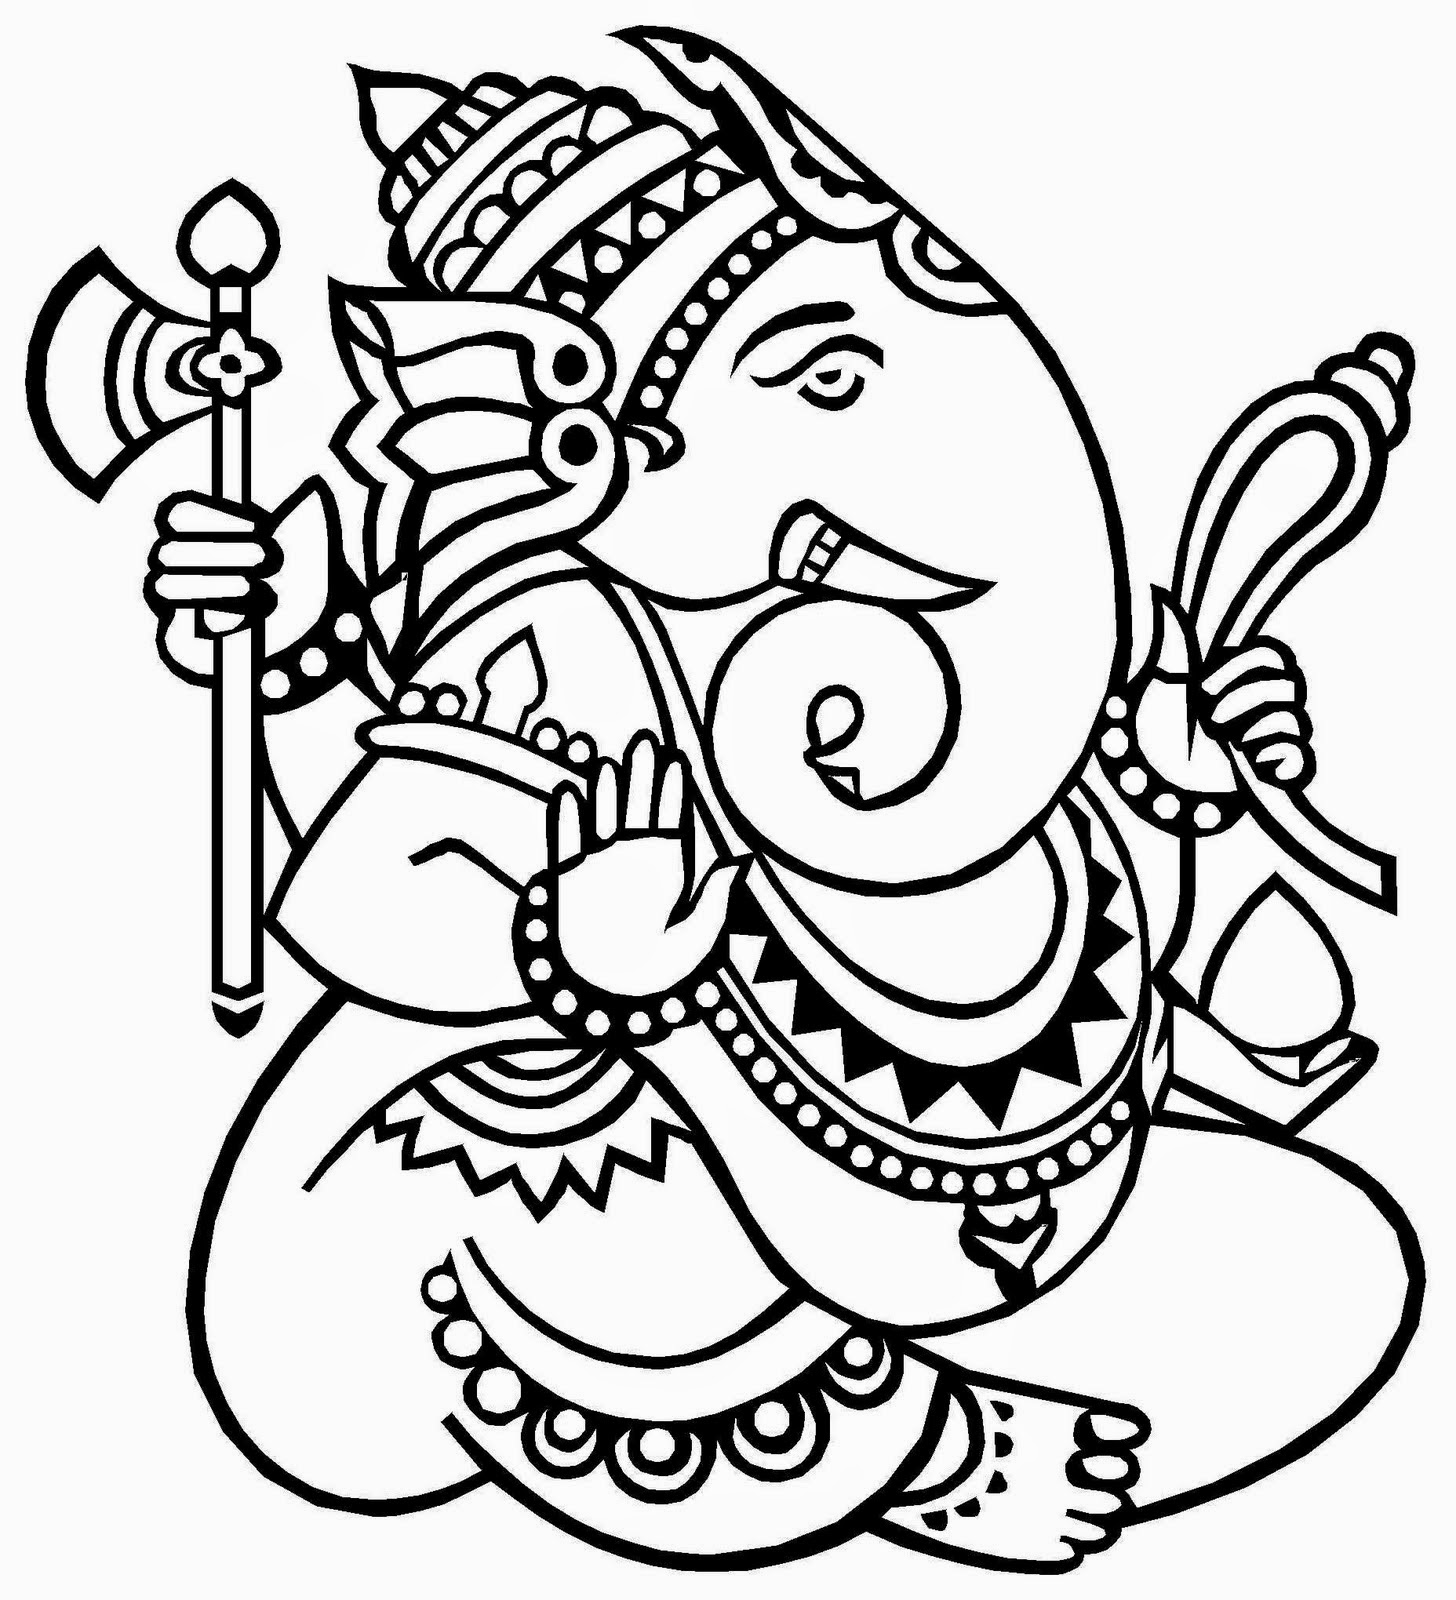 Shri ganesh sketch